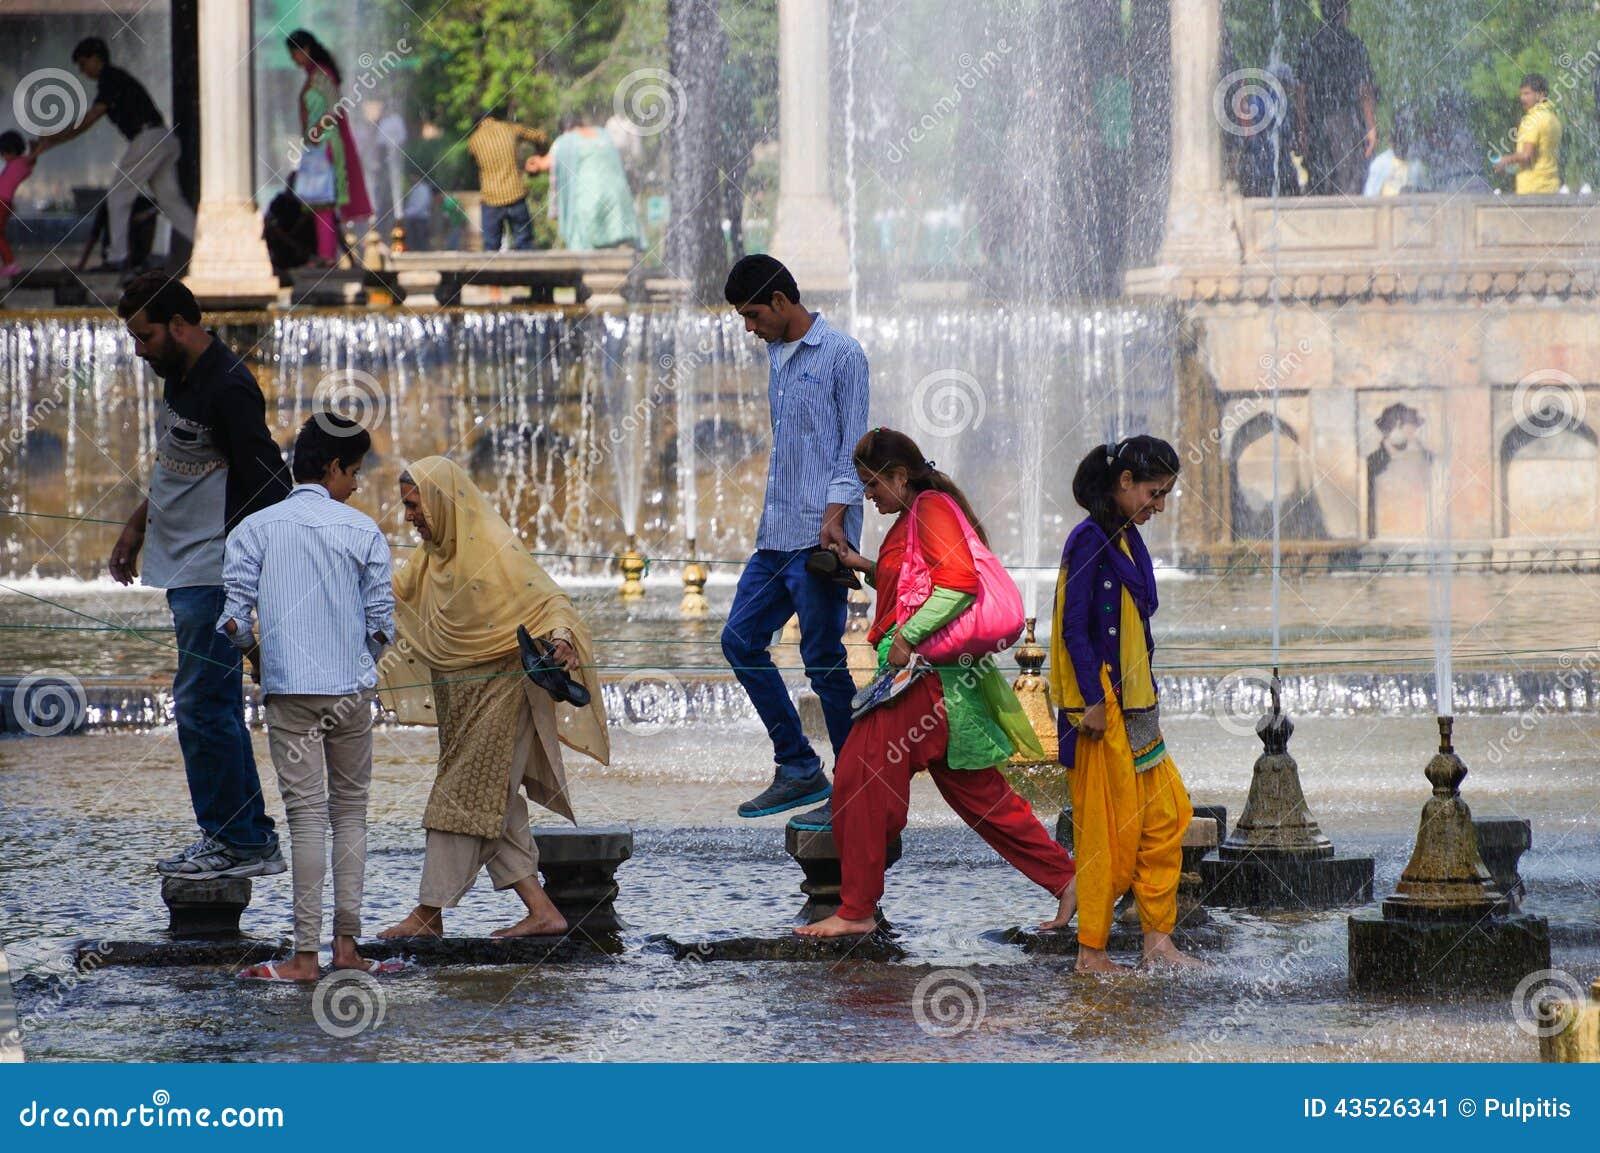 Relax time in Mughal Garden Shalimar Srinagar,Kashmir, India